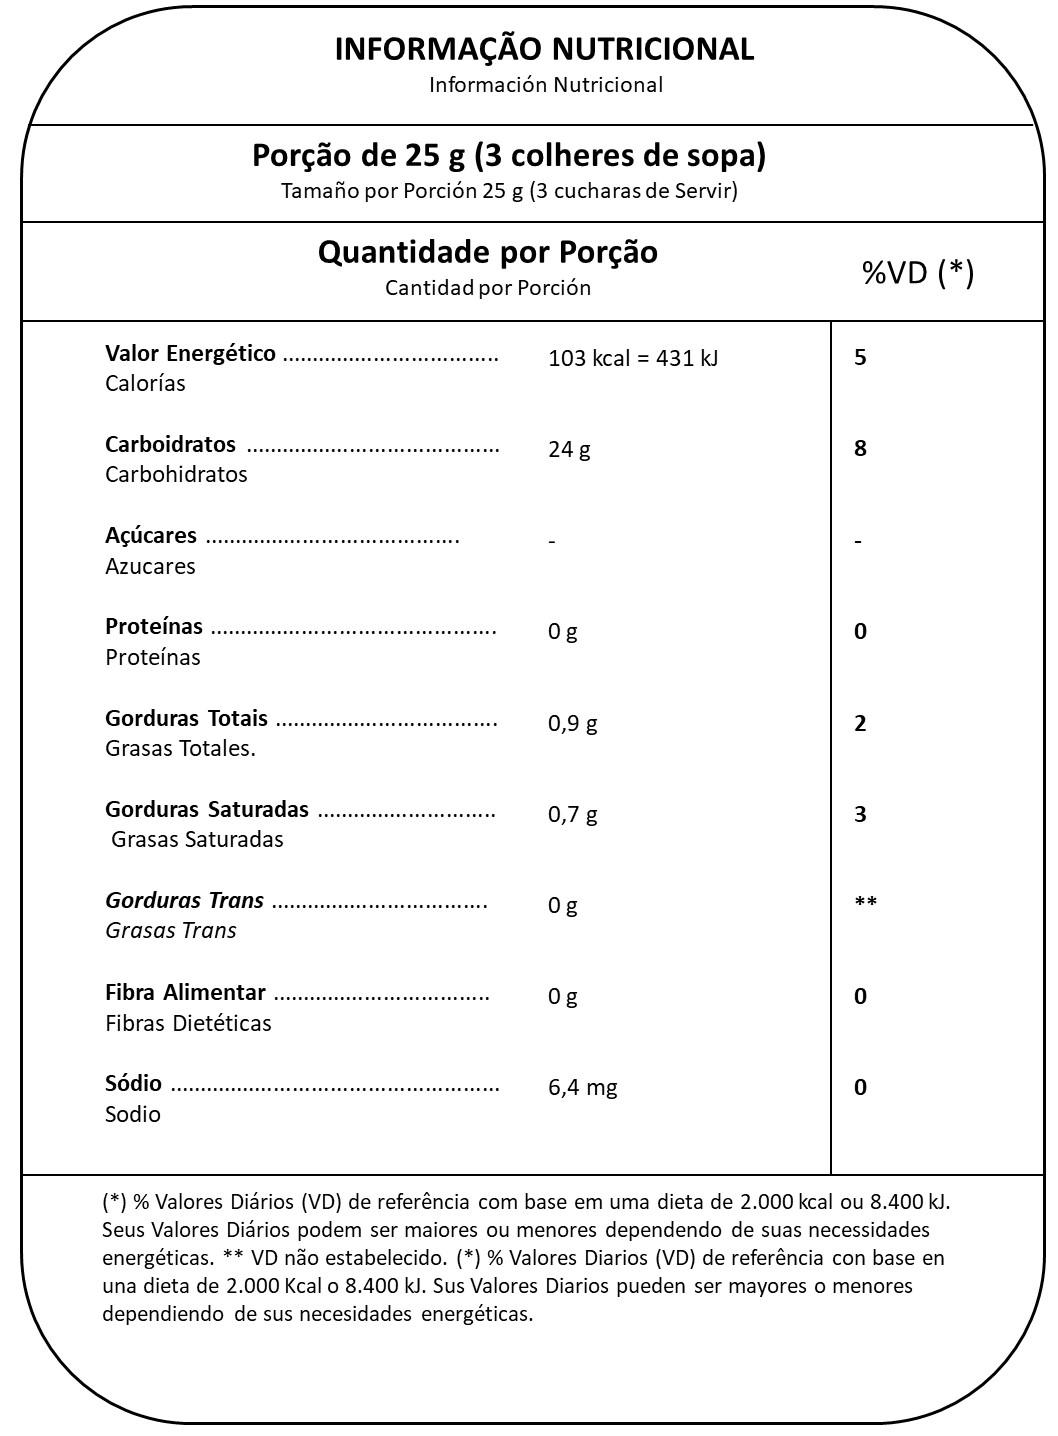 https://www.mavalerio.com.br/wp-content/uploads/2018/11/TN-Granulado-Colorido-150-g.jpg?rel=0